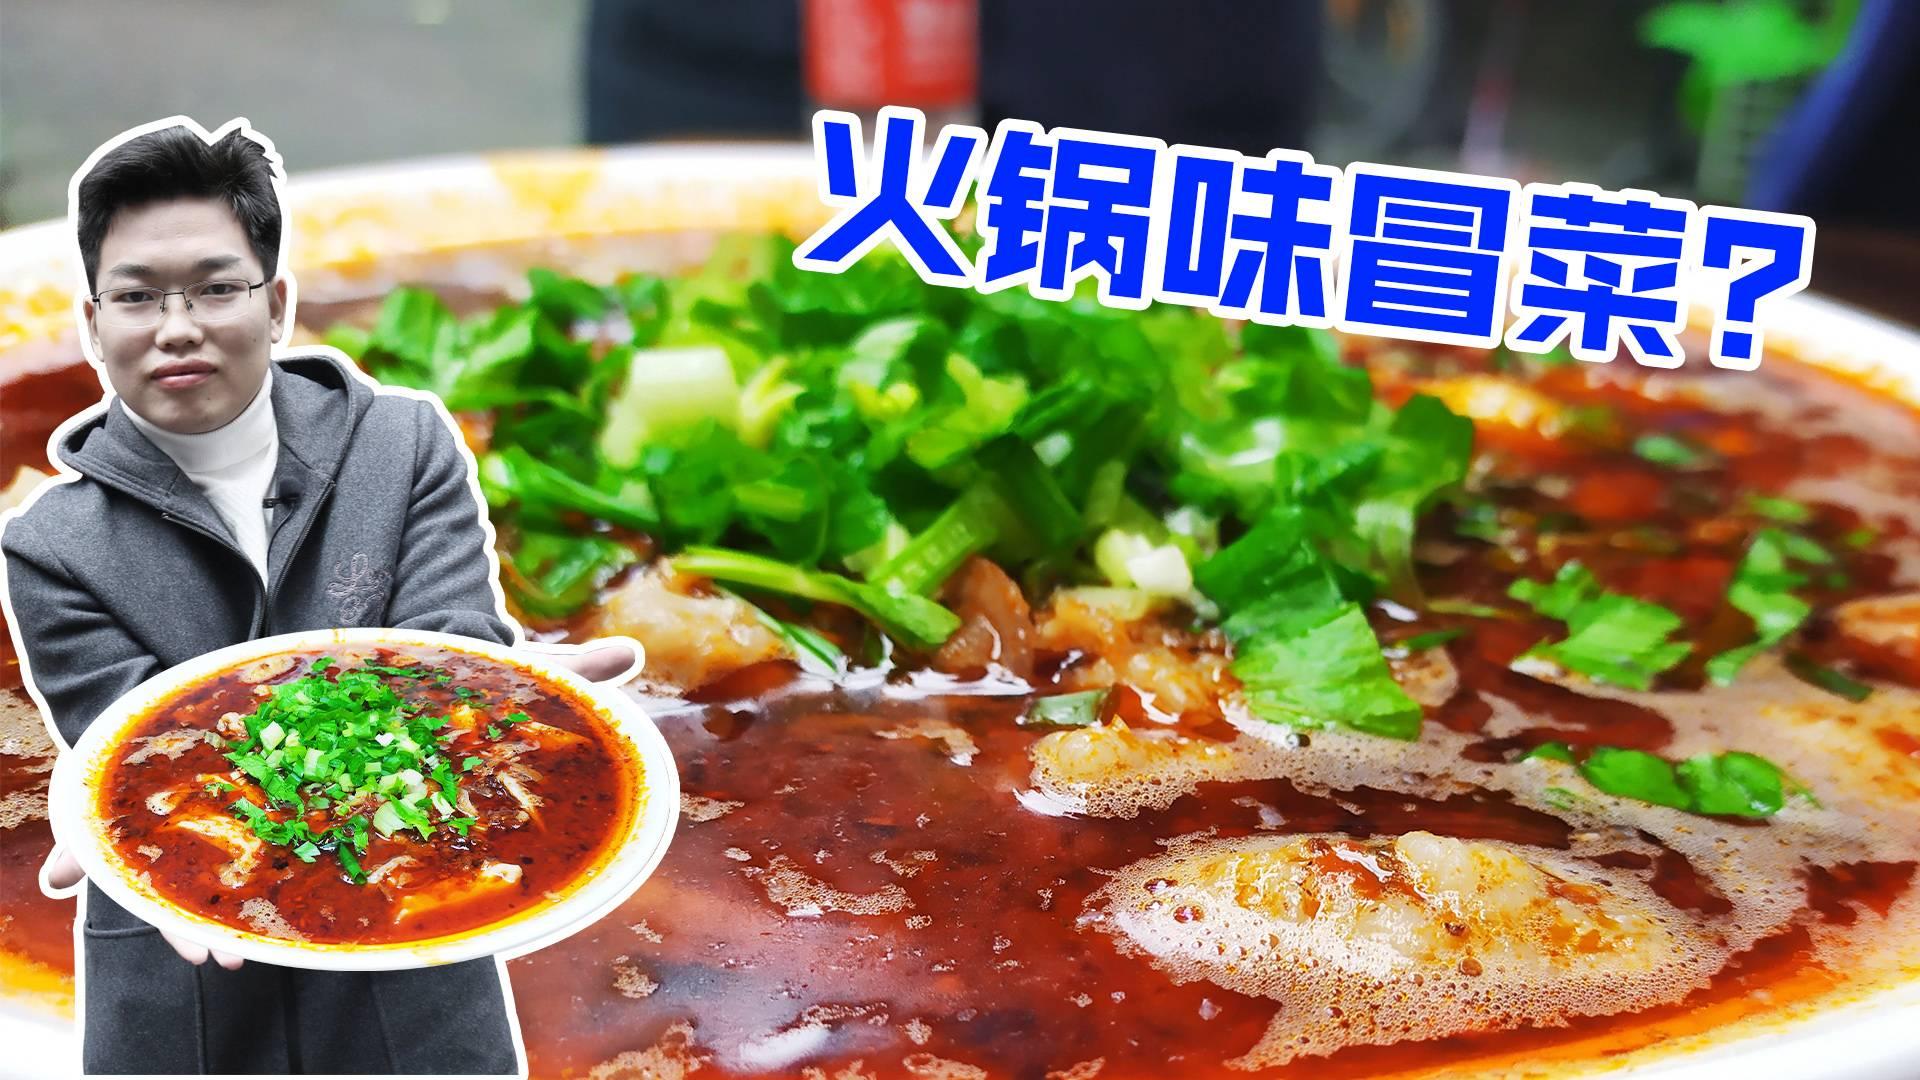 将冒菜做成火锅味道?成都这家冒菜开在小区里,口味重口超级下饭